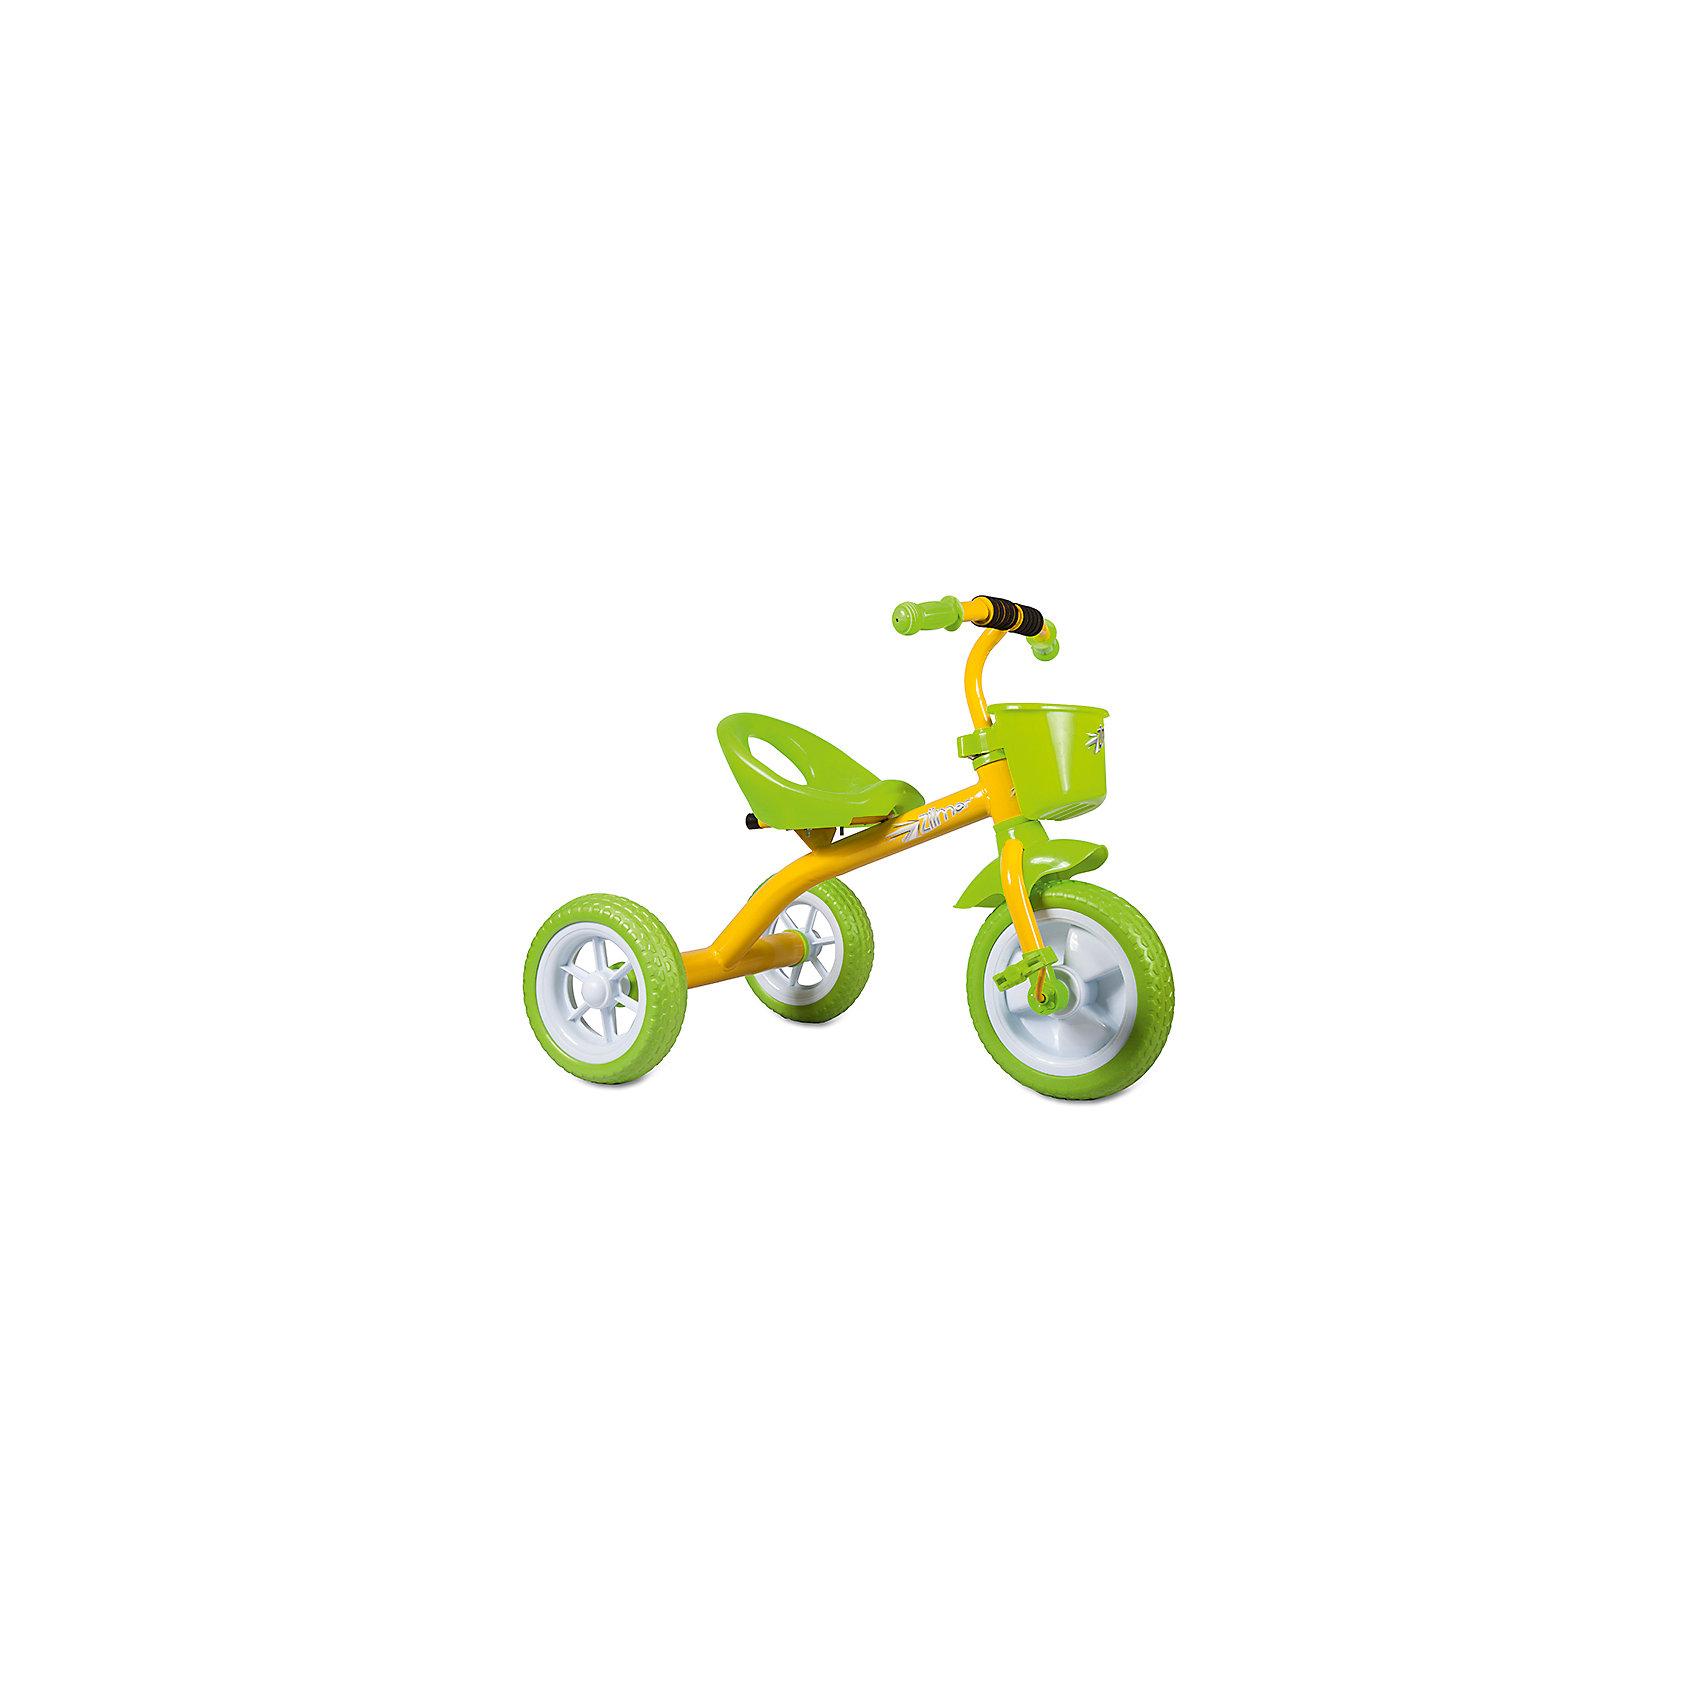 Трехколесный велосипед Сильвер Люкс, желтый, ZilmerВелосипеды детские<br>Велосипед Zilmer Сильвер Люкс (3 колеса EVA 10/8, сталь, корзина, жёлт.)        Трёхколёсный велосипед Zilmer!<br>Основные особенности данной модели: колёса EVA, удобное сиденье, вместительная корзина. Руль оснащён мягкой накладкой. В корзинку можно сложить необходимые для прогулки вещи. Велосипед сделан из надёжных и безопасных материалов. Яркий цвет  и привлекательный внешний вид обращают на себя внимание.<br>Преимущества:<br>Удобный руль с мягкой накладкой<br>Корзинка<br>Яркий цвет<br>Вес 1 шт.: 3 кг<br><br>Ширина мм: 300<br>Глубина мм: 225<br>Высота мм: 200<br>Вес г: 4250<br>Возраст от месяцев: 12<br>Возраст до месяцев: 36<br>Пол: Унисекс<br>Возраст: Детский<br>SKU: 4642327